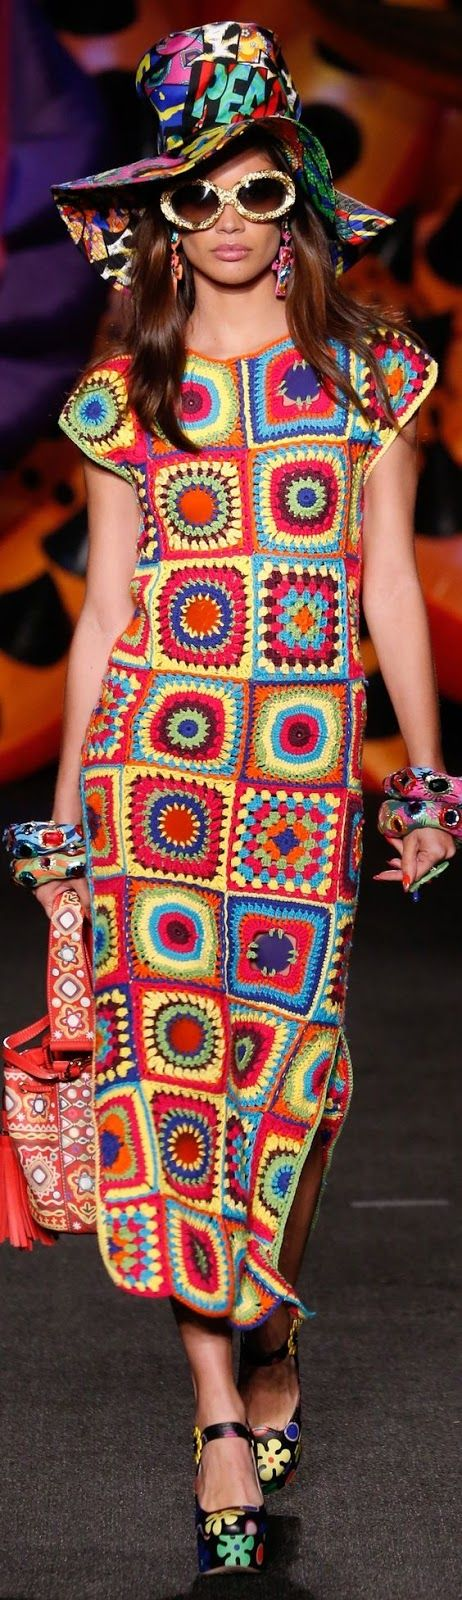 Crochetemoda Blog